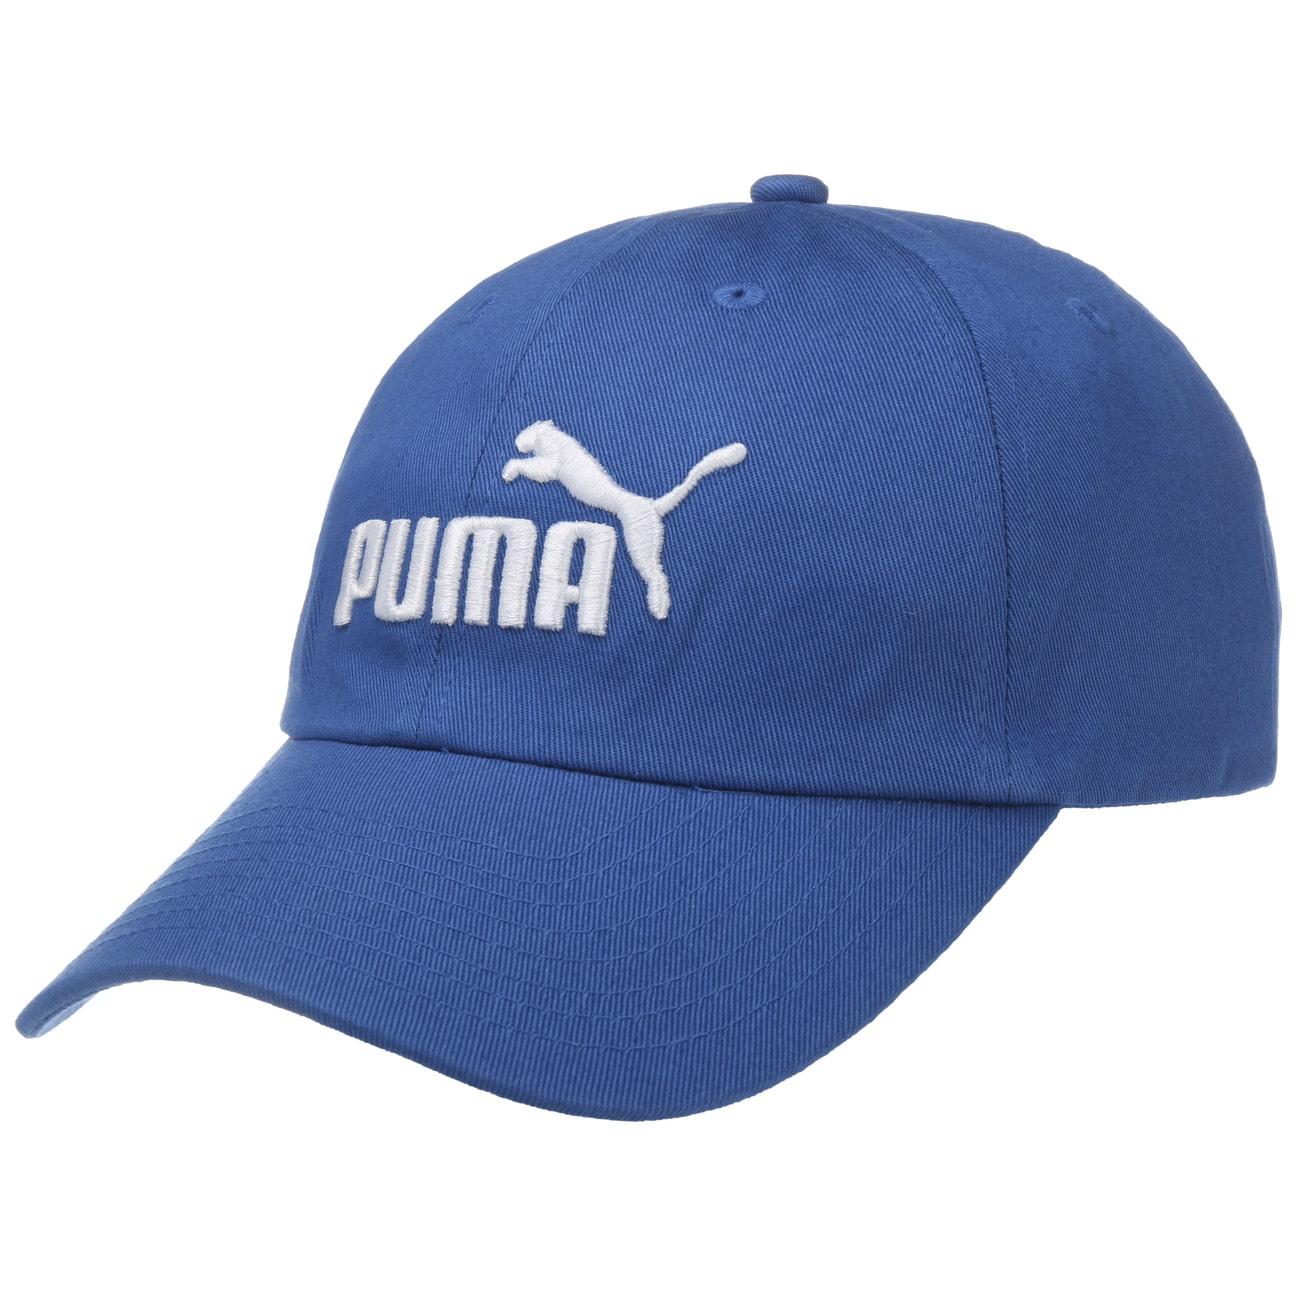 1 Baseball Cap by PUMA - blue 1 ... fde6e77870a